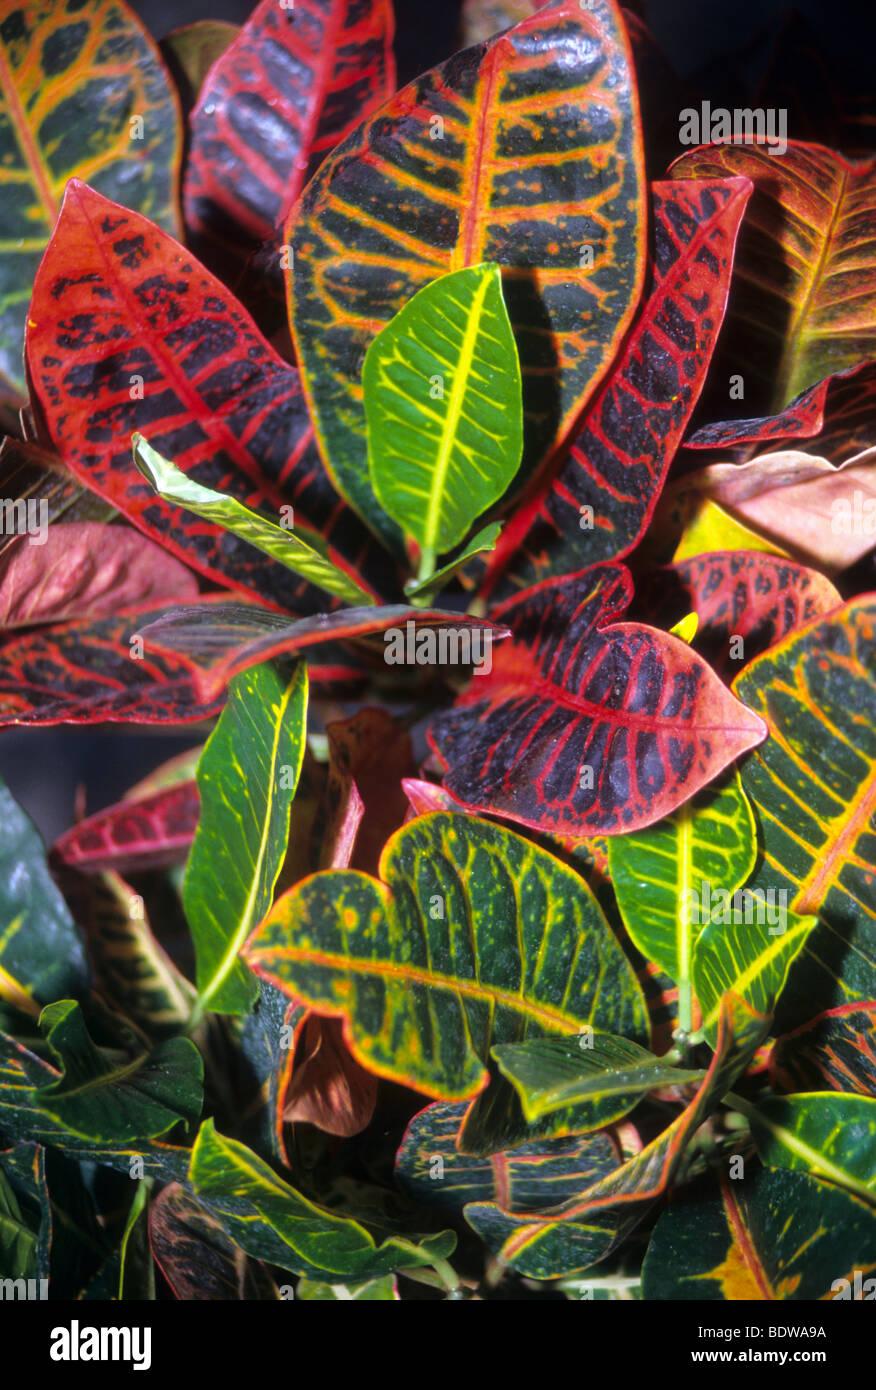 Tropische pflanze rot gr nes blatt mit offensichtlichen venen kontrast stockfoto bild - Zimmerpflanze mit roten blattern ...